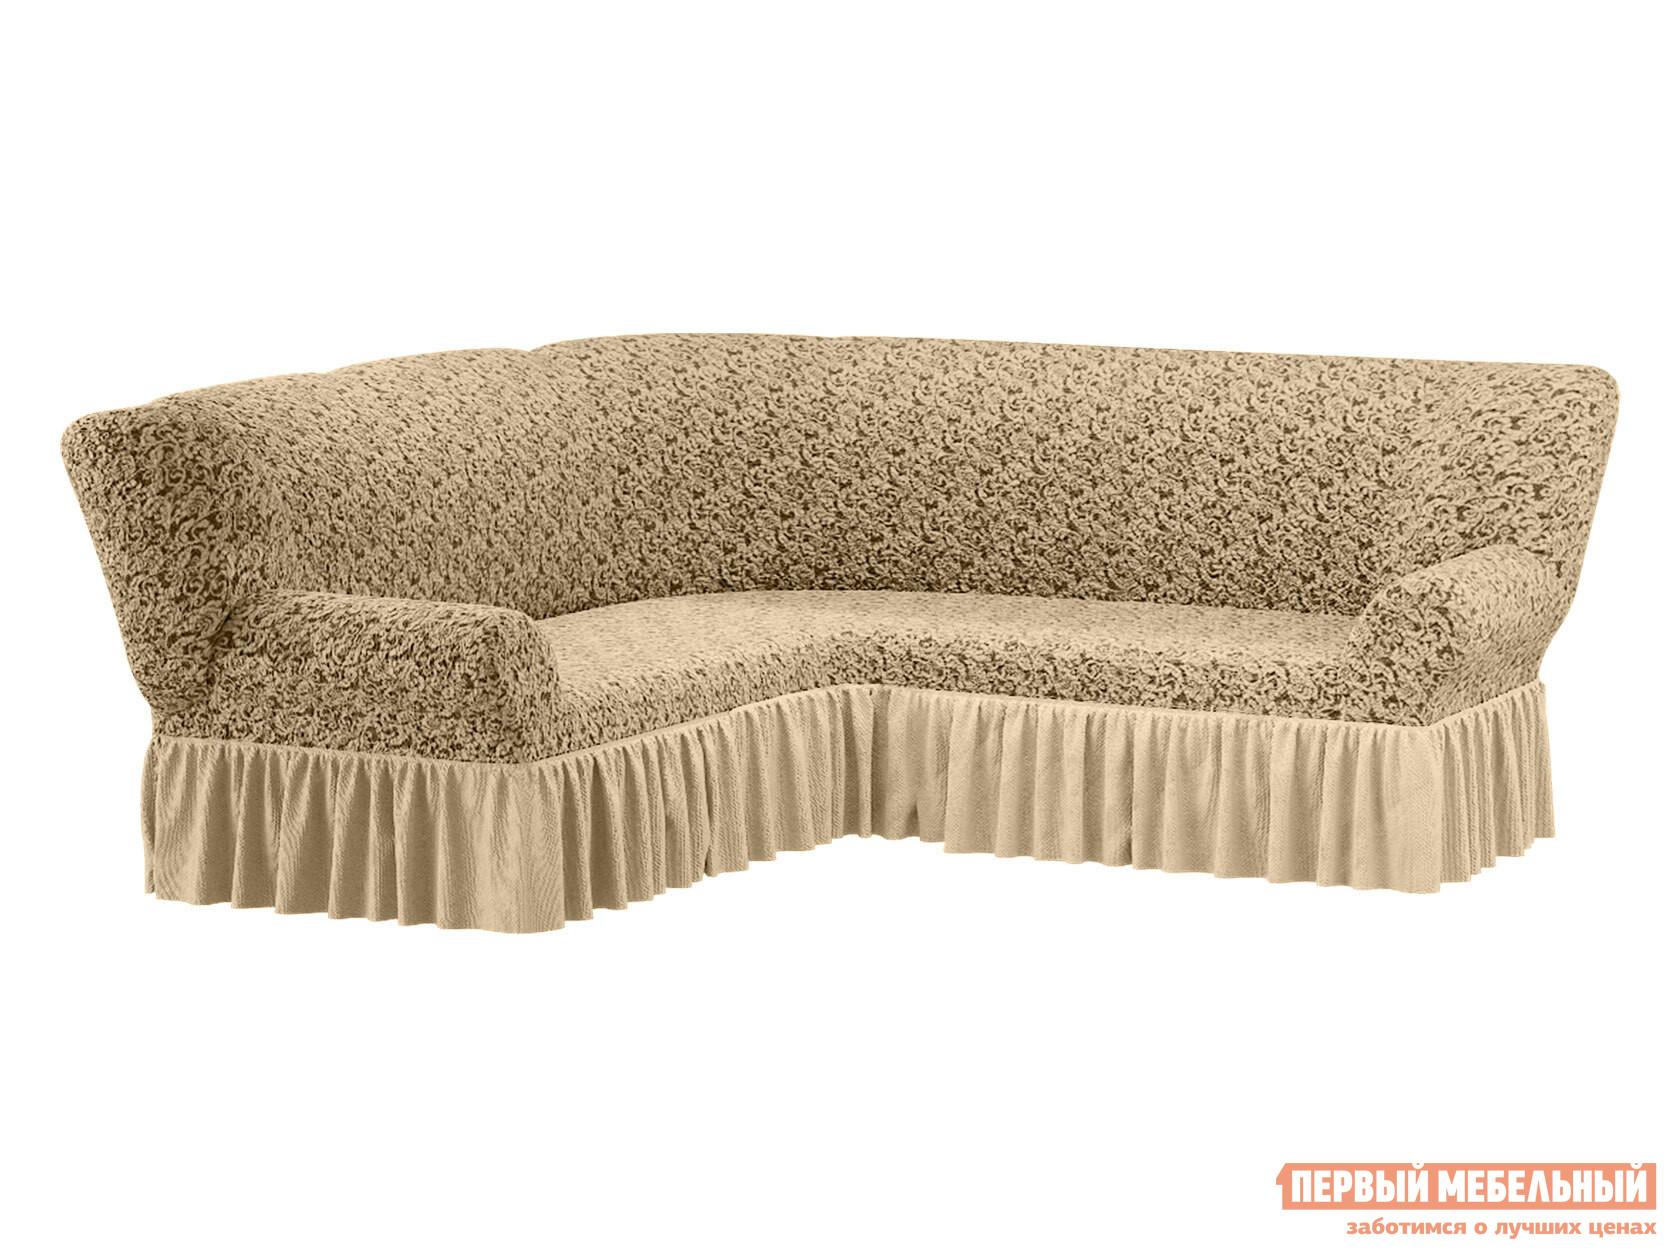 Фото - Чехол для углового дивана Первый Мебельный Чехол на угловой диван жаккард с юбкой чехол для двухместного дивана первый мебельный чехол для дивана стамбул двухместный без юбки